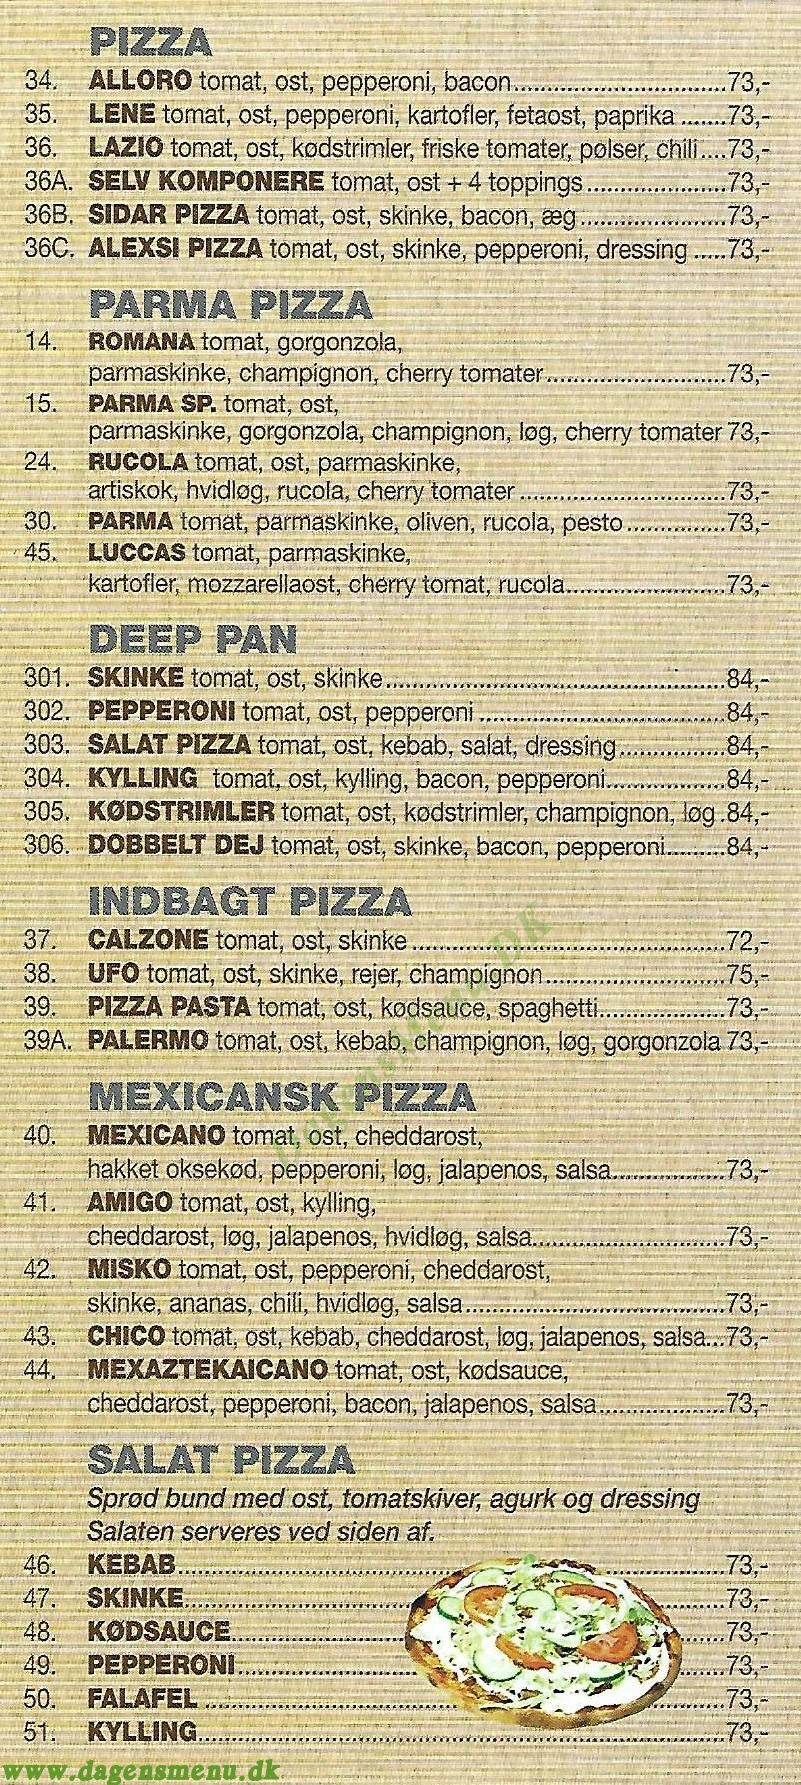 Jernbane Pizza Durum Kebab House - Menukort